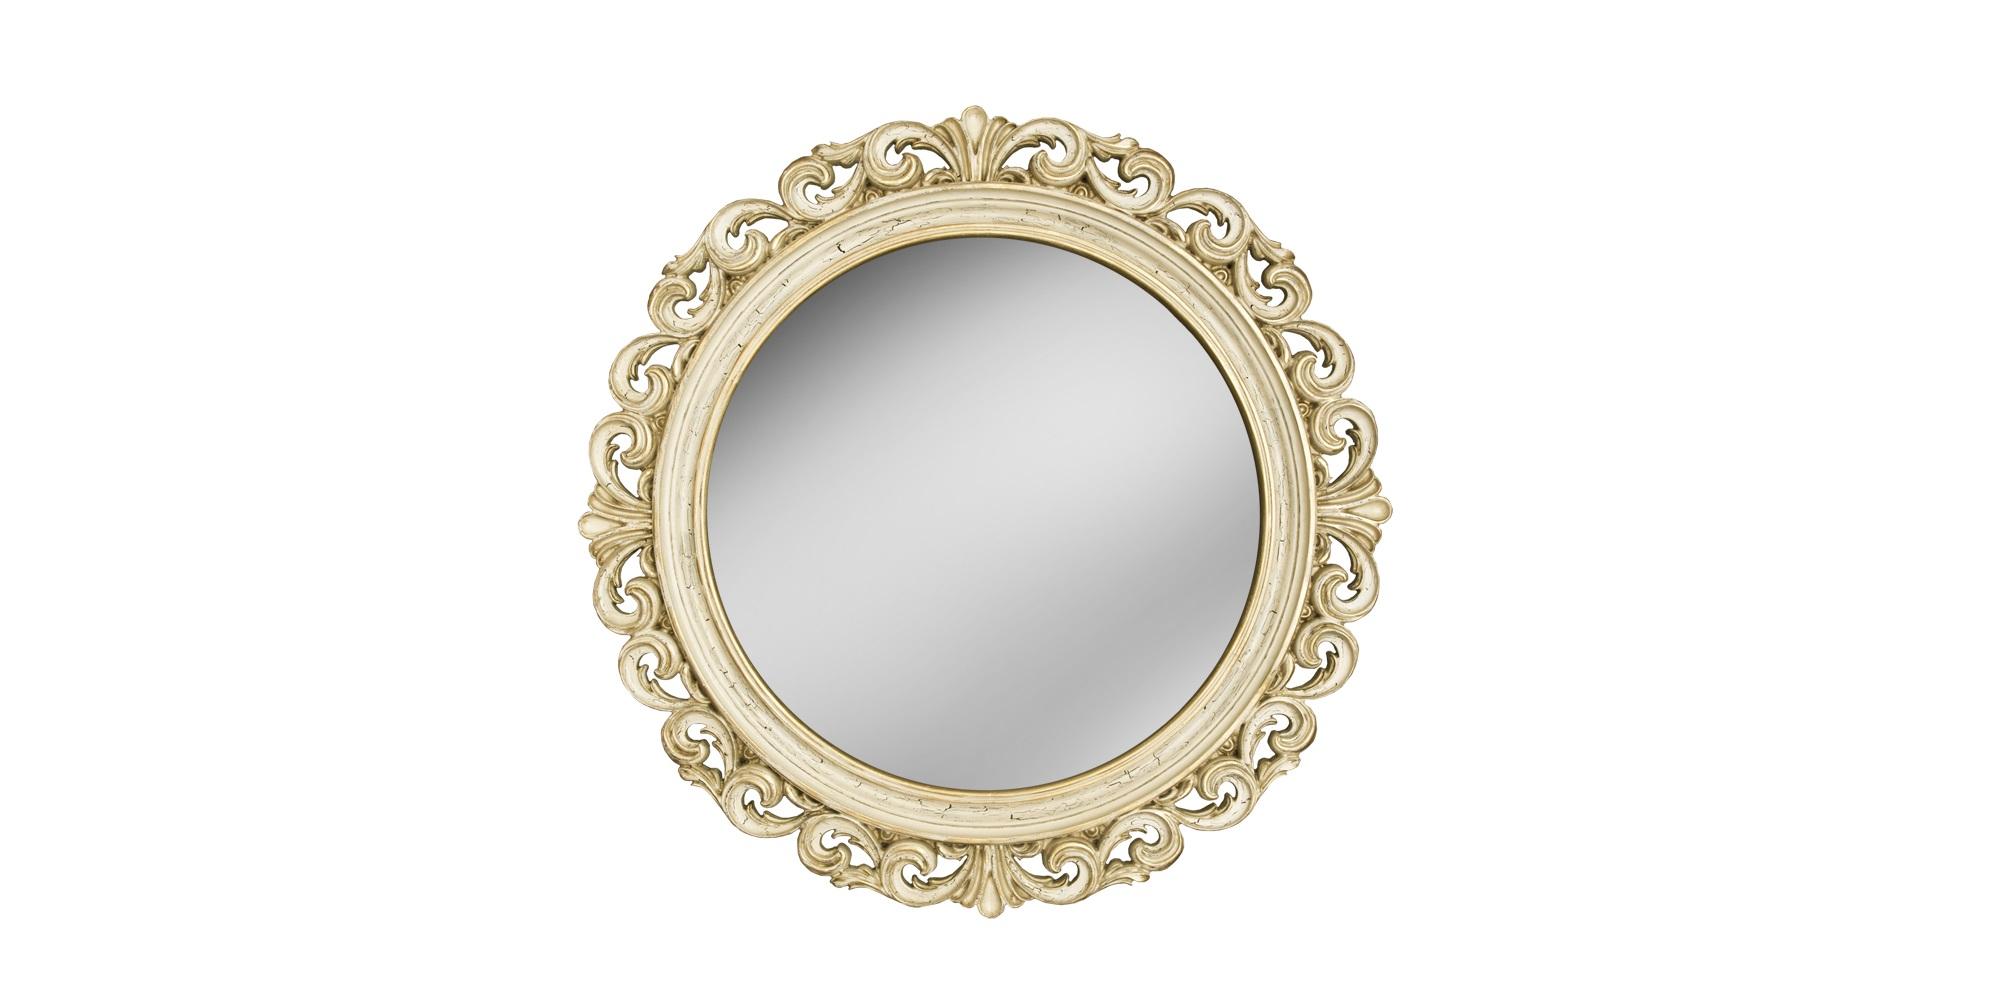 Зеркало РИКИОЛИНастенные зеркала<br>Это круглое зеркало вставлено в эффектную резную раму, оформленную &amp;quot;под старину&amp;quot;. Багет выточен из композитного пенополиуретана. Благодаря сложному окрашиванию его поверхность напоминает натуральную слоновую кость под позолотой, а зеленоватая патина и характерные трещинки усиливают винтажный эффект. ППУ не боится воды и пара, и зеркало можно использовать во влажных помещениях.&amp;lt;br&amp;gt;&amp;lt;br&amp;gt;&amp;lt;div&amp;gt;&amp;lt;div&amp;gt;Исполнение:&amp;amp;nbsp;Слоновая кость Золото Патина Кракелюр&amp;lt;br&amp;gt;&amp;lt;/div&amp;gt;&amp;lt;/div&amp;gt;<br><br>Material: Полиуретан<br>Глубина см: 4